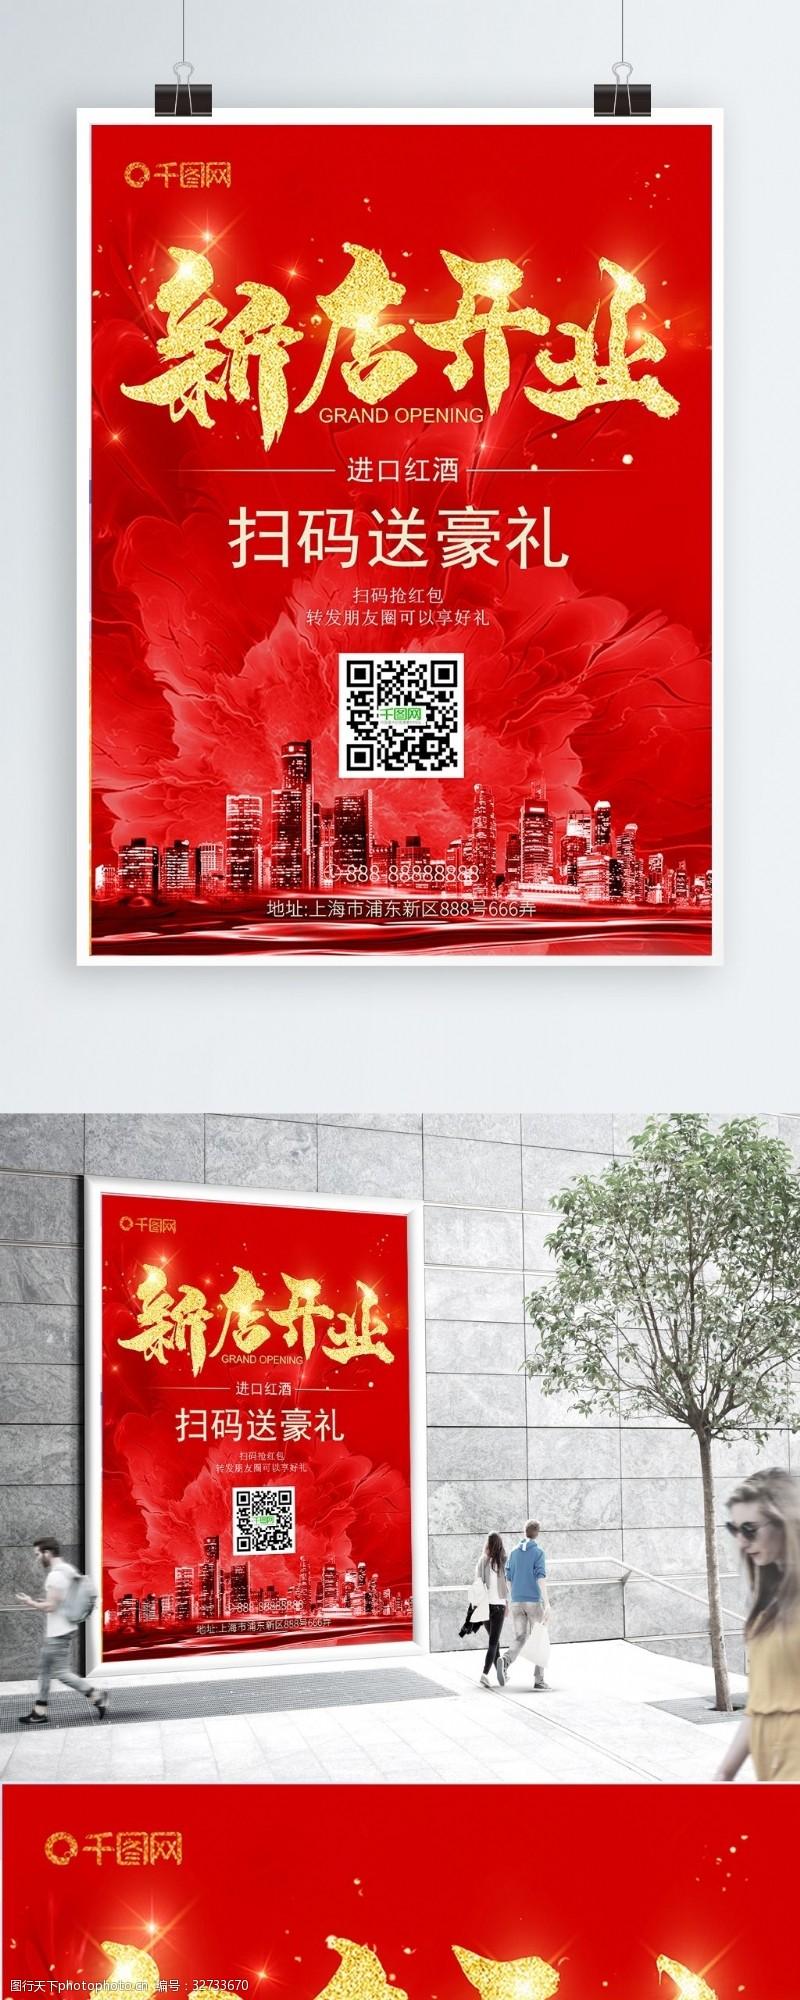 开张海报红色喜庆新店开业送豪礼海报文字可编辑